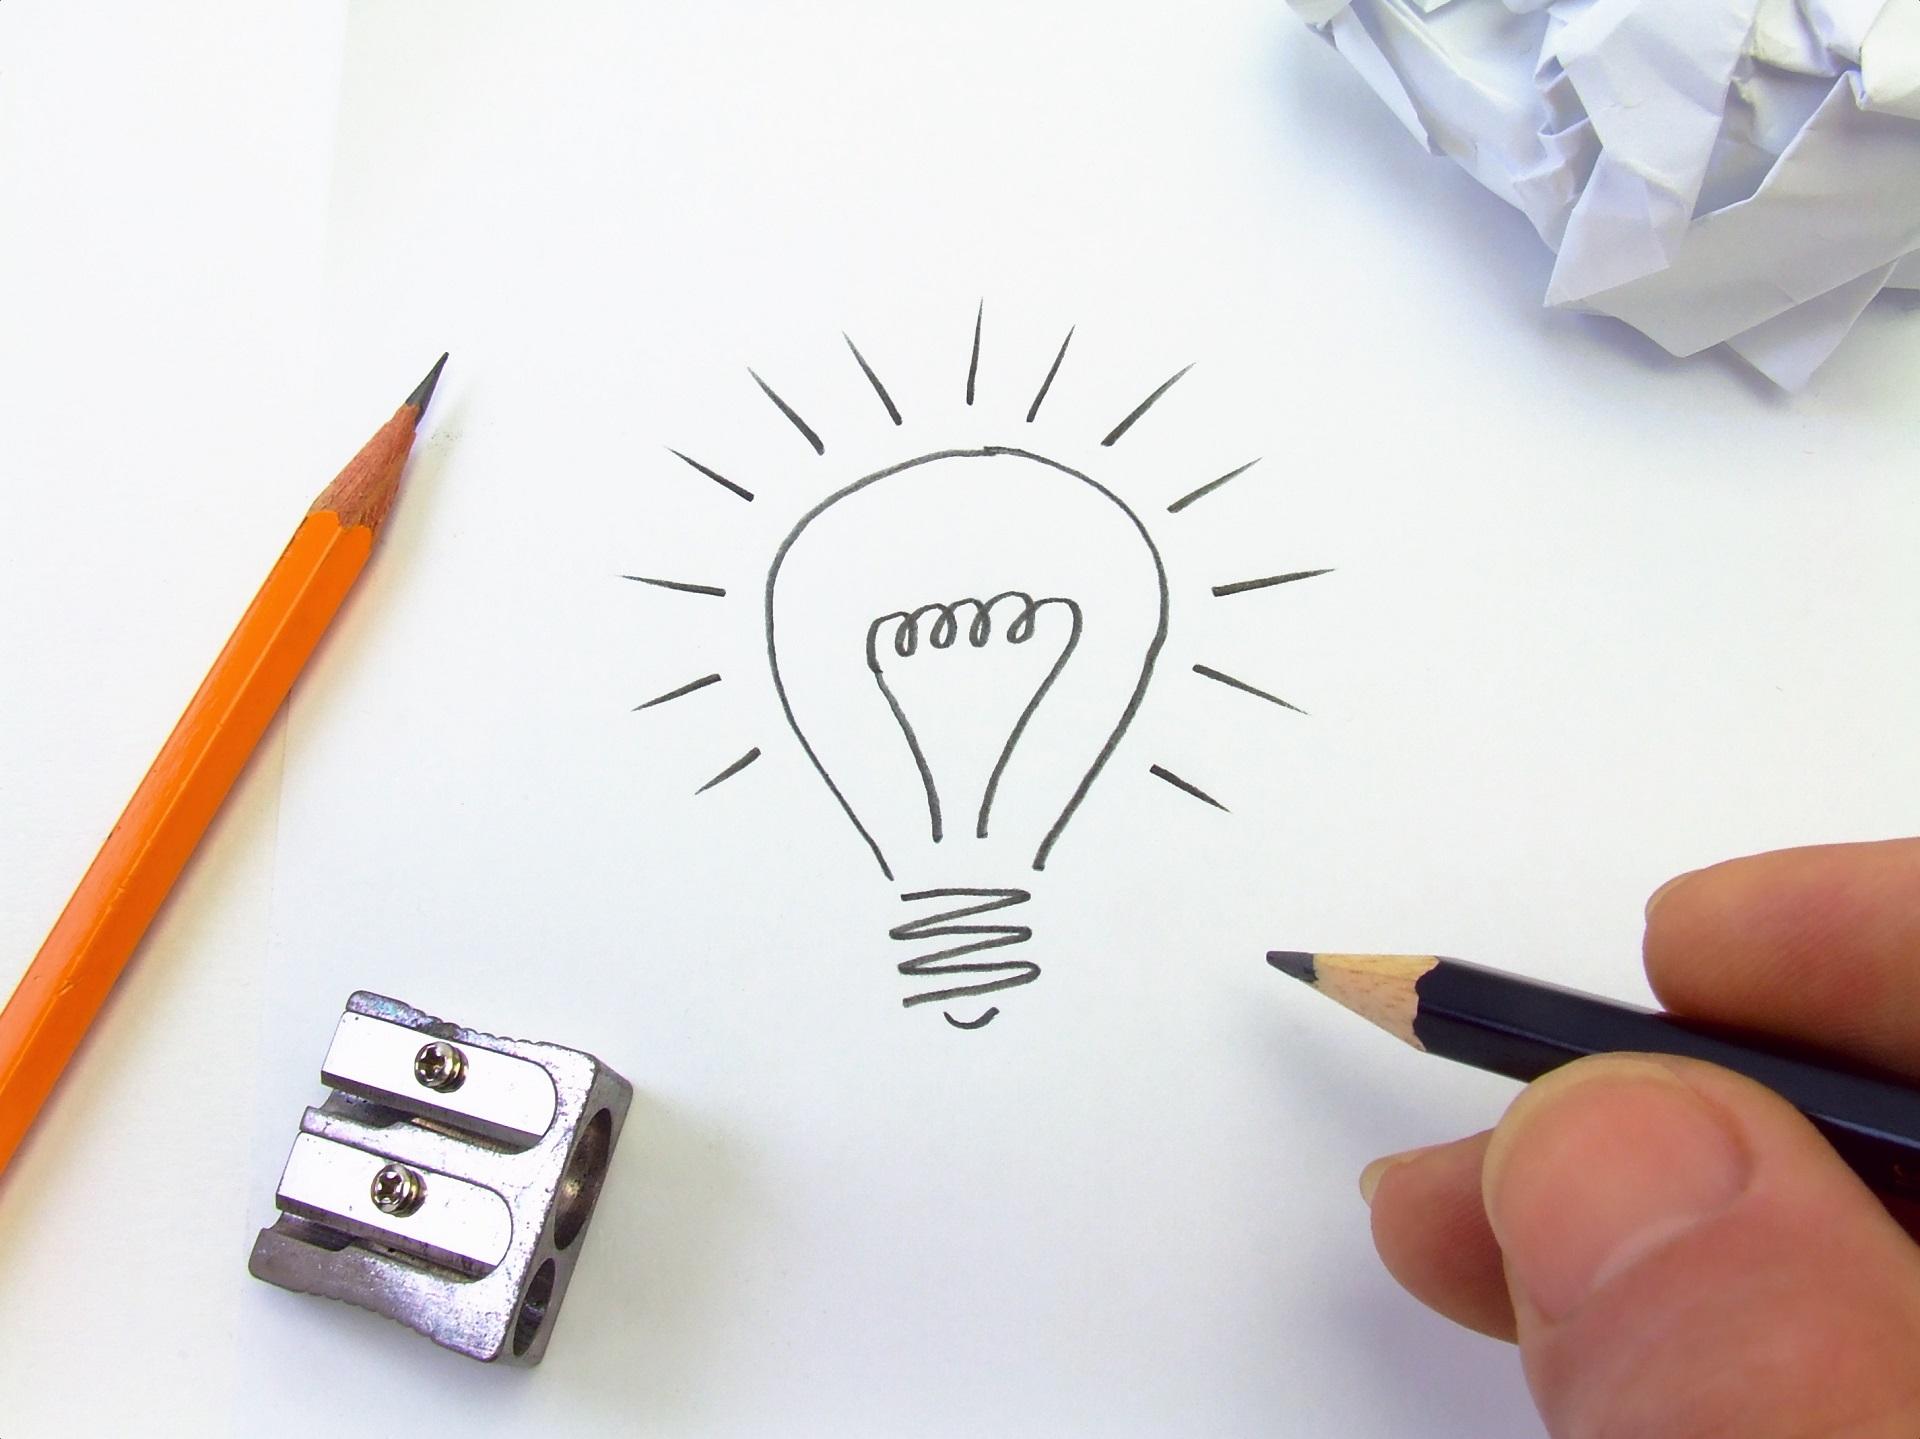 Bán hàng gì tại nhà với số vốn ít mà hiệu quả trong năm 2020?